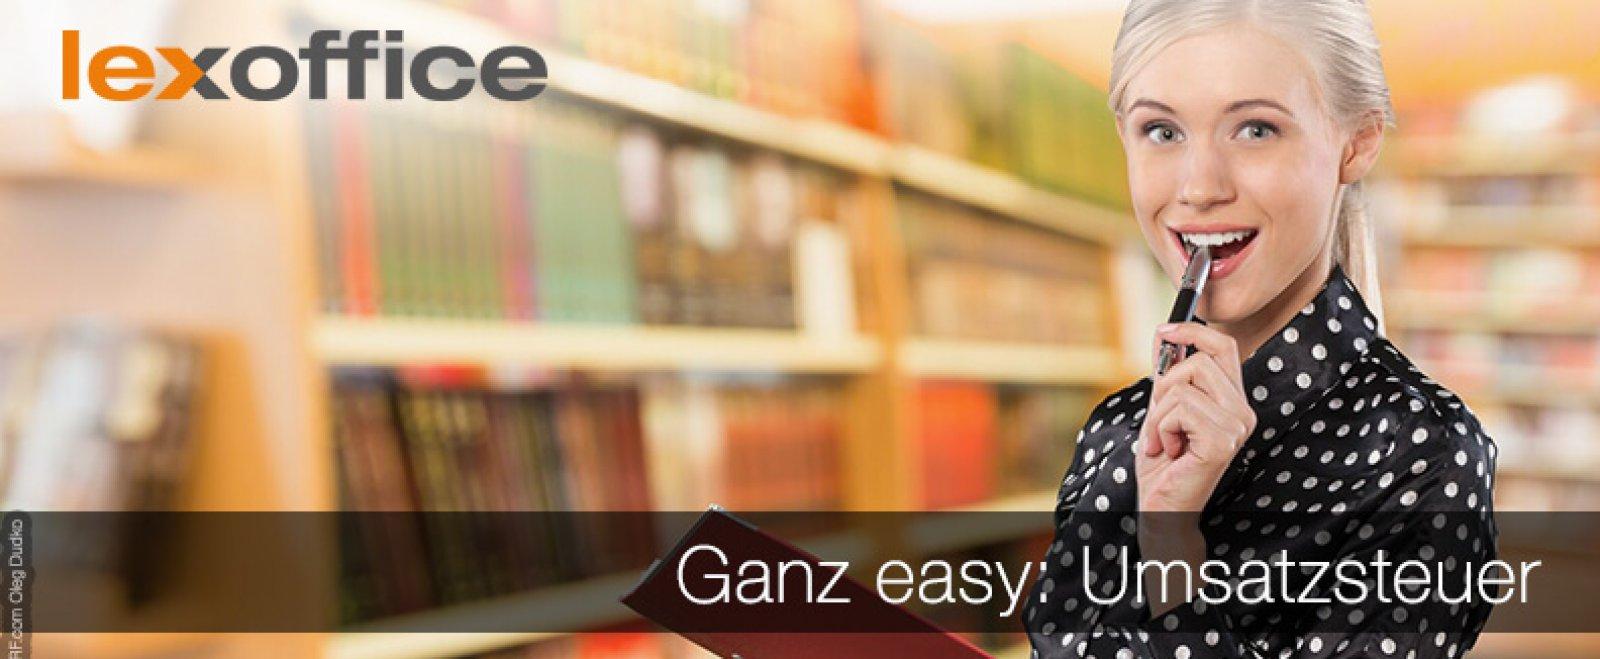 Ganz easy: Umsatzsteuer mit lexoffice - der Online Buchhaltungssoftware für MAC und PC